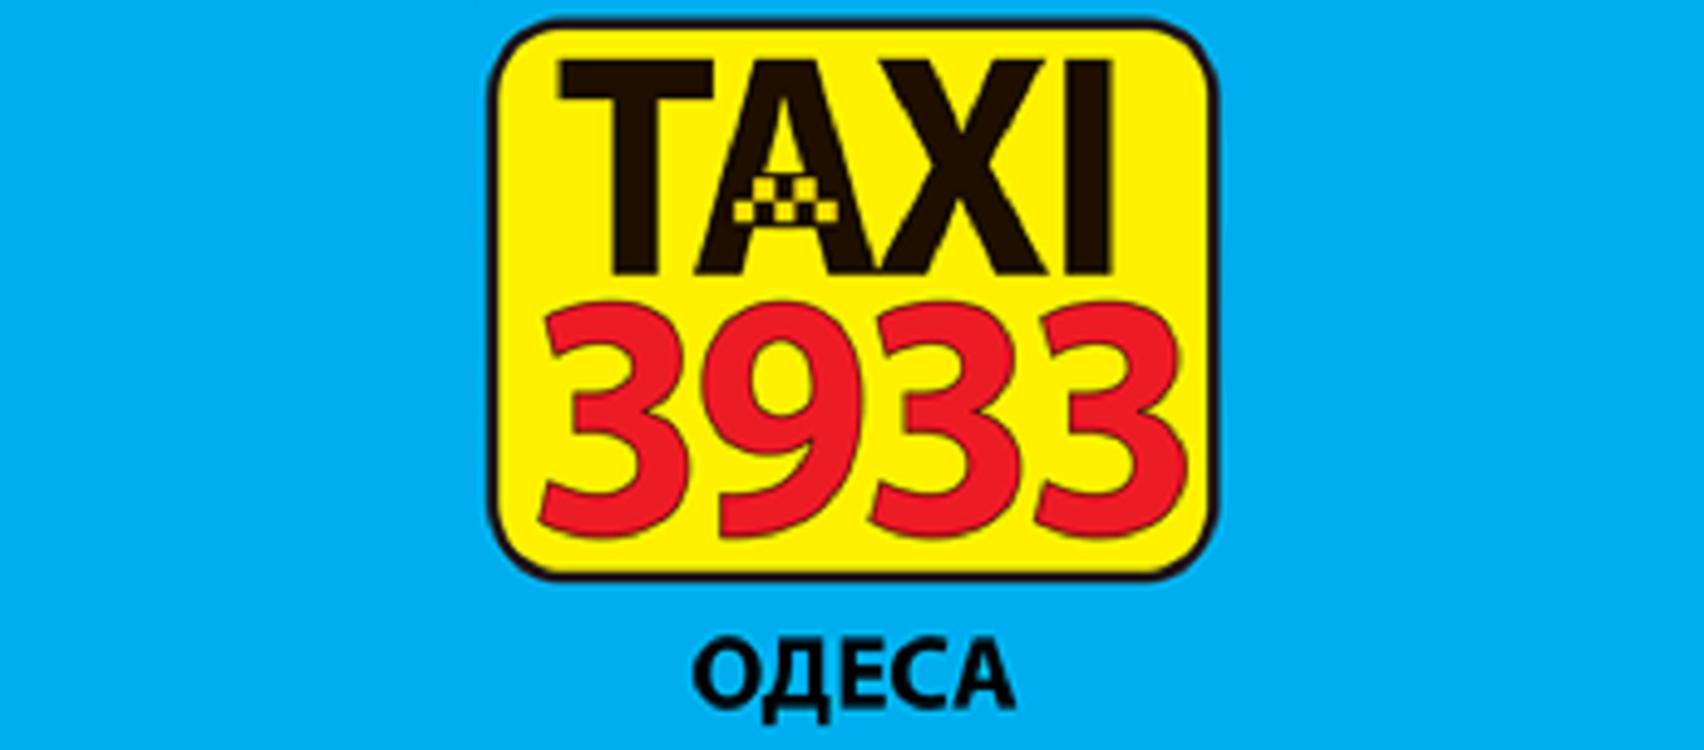 Такси 3933  (Одесса)